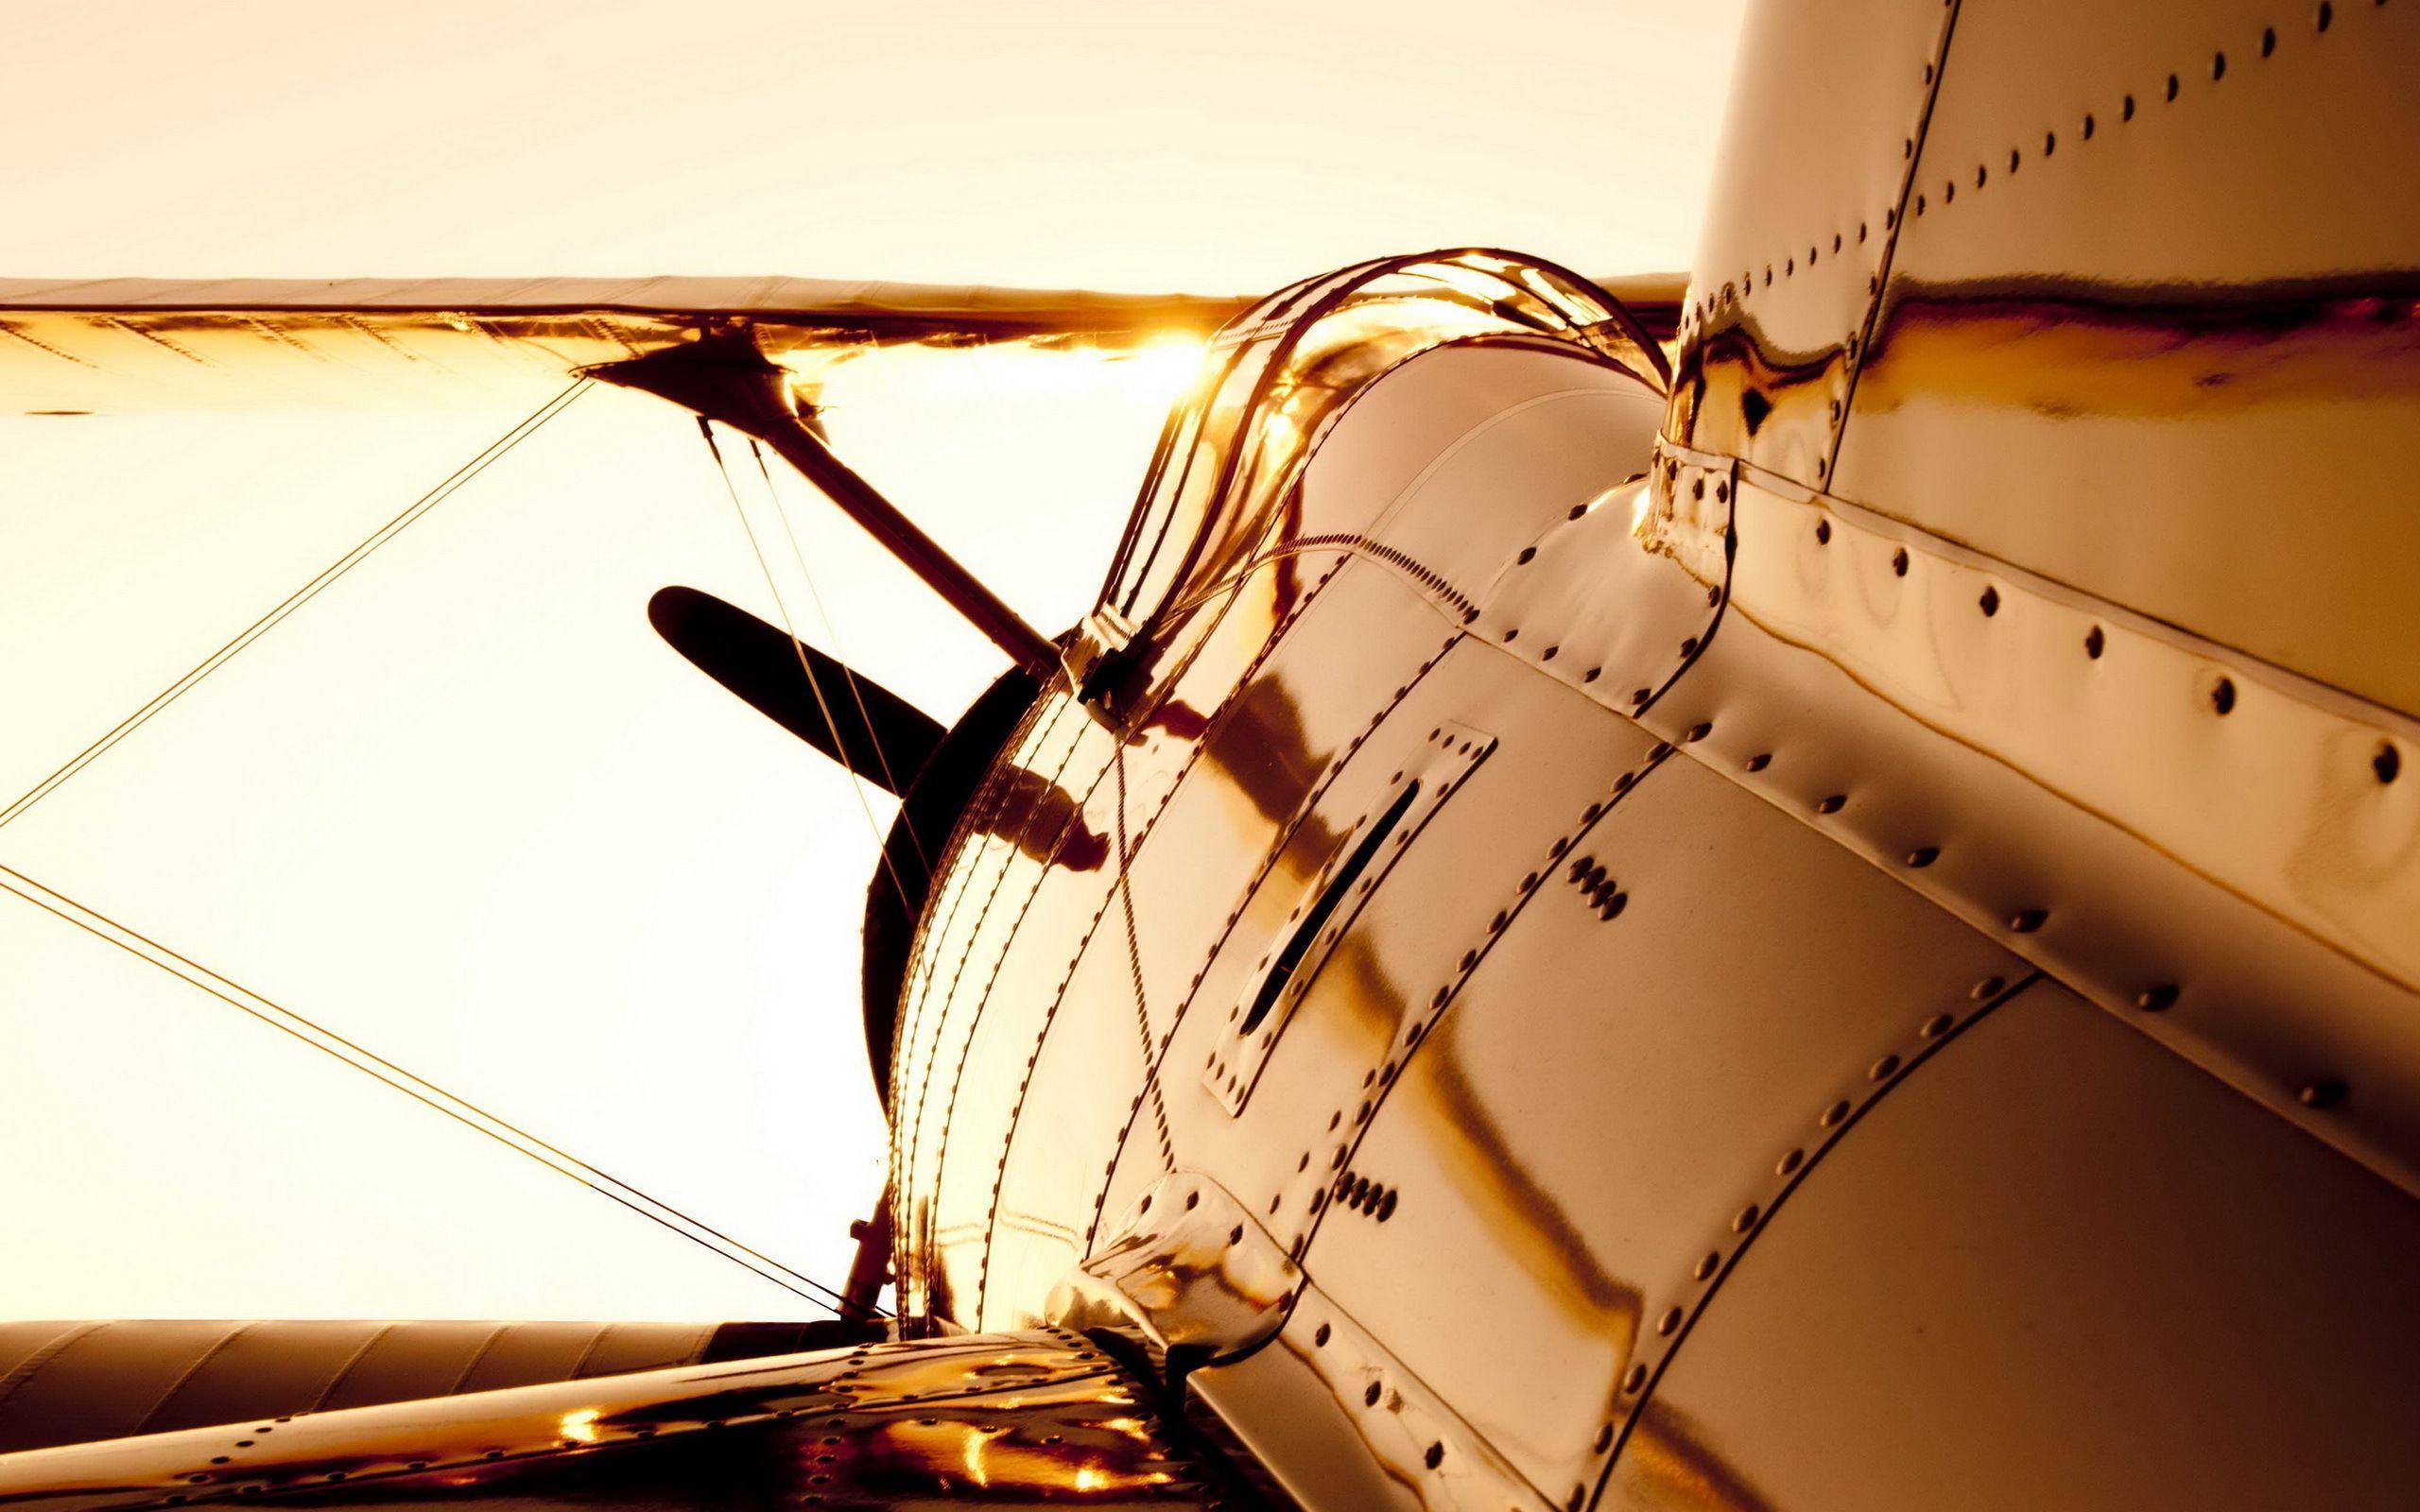 Vintage Airplane Wallpapers